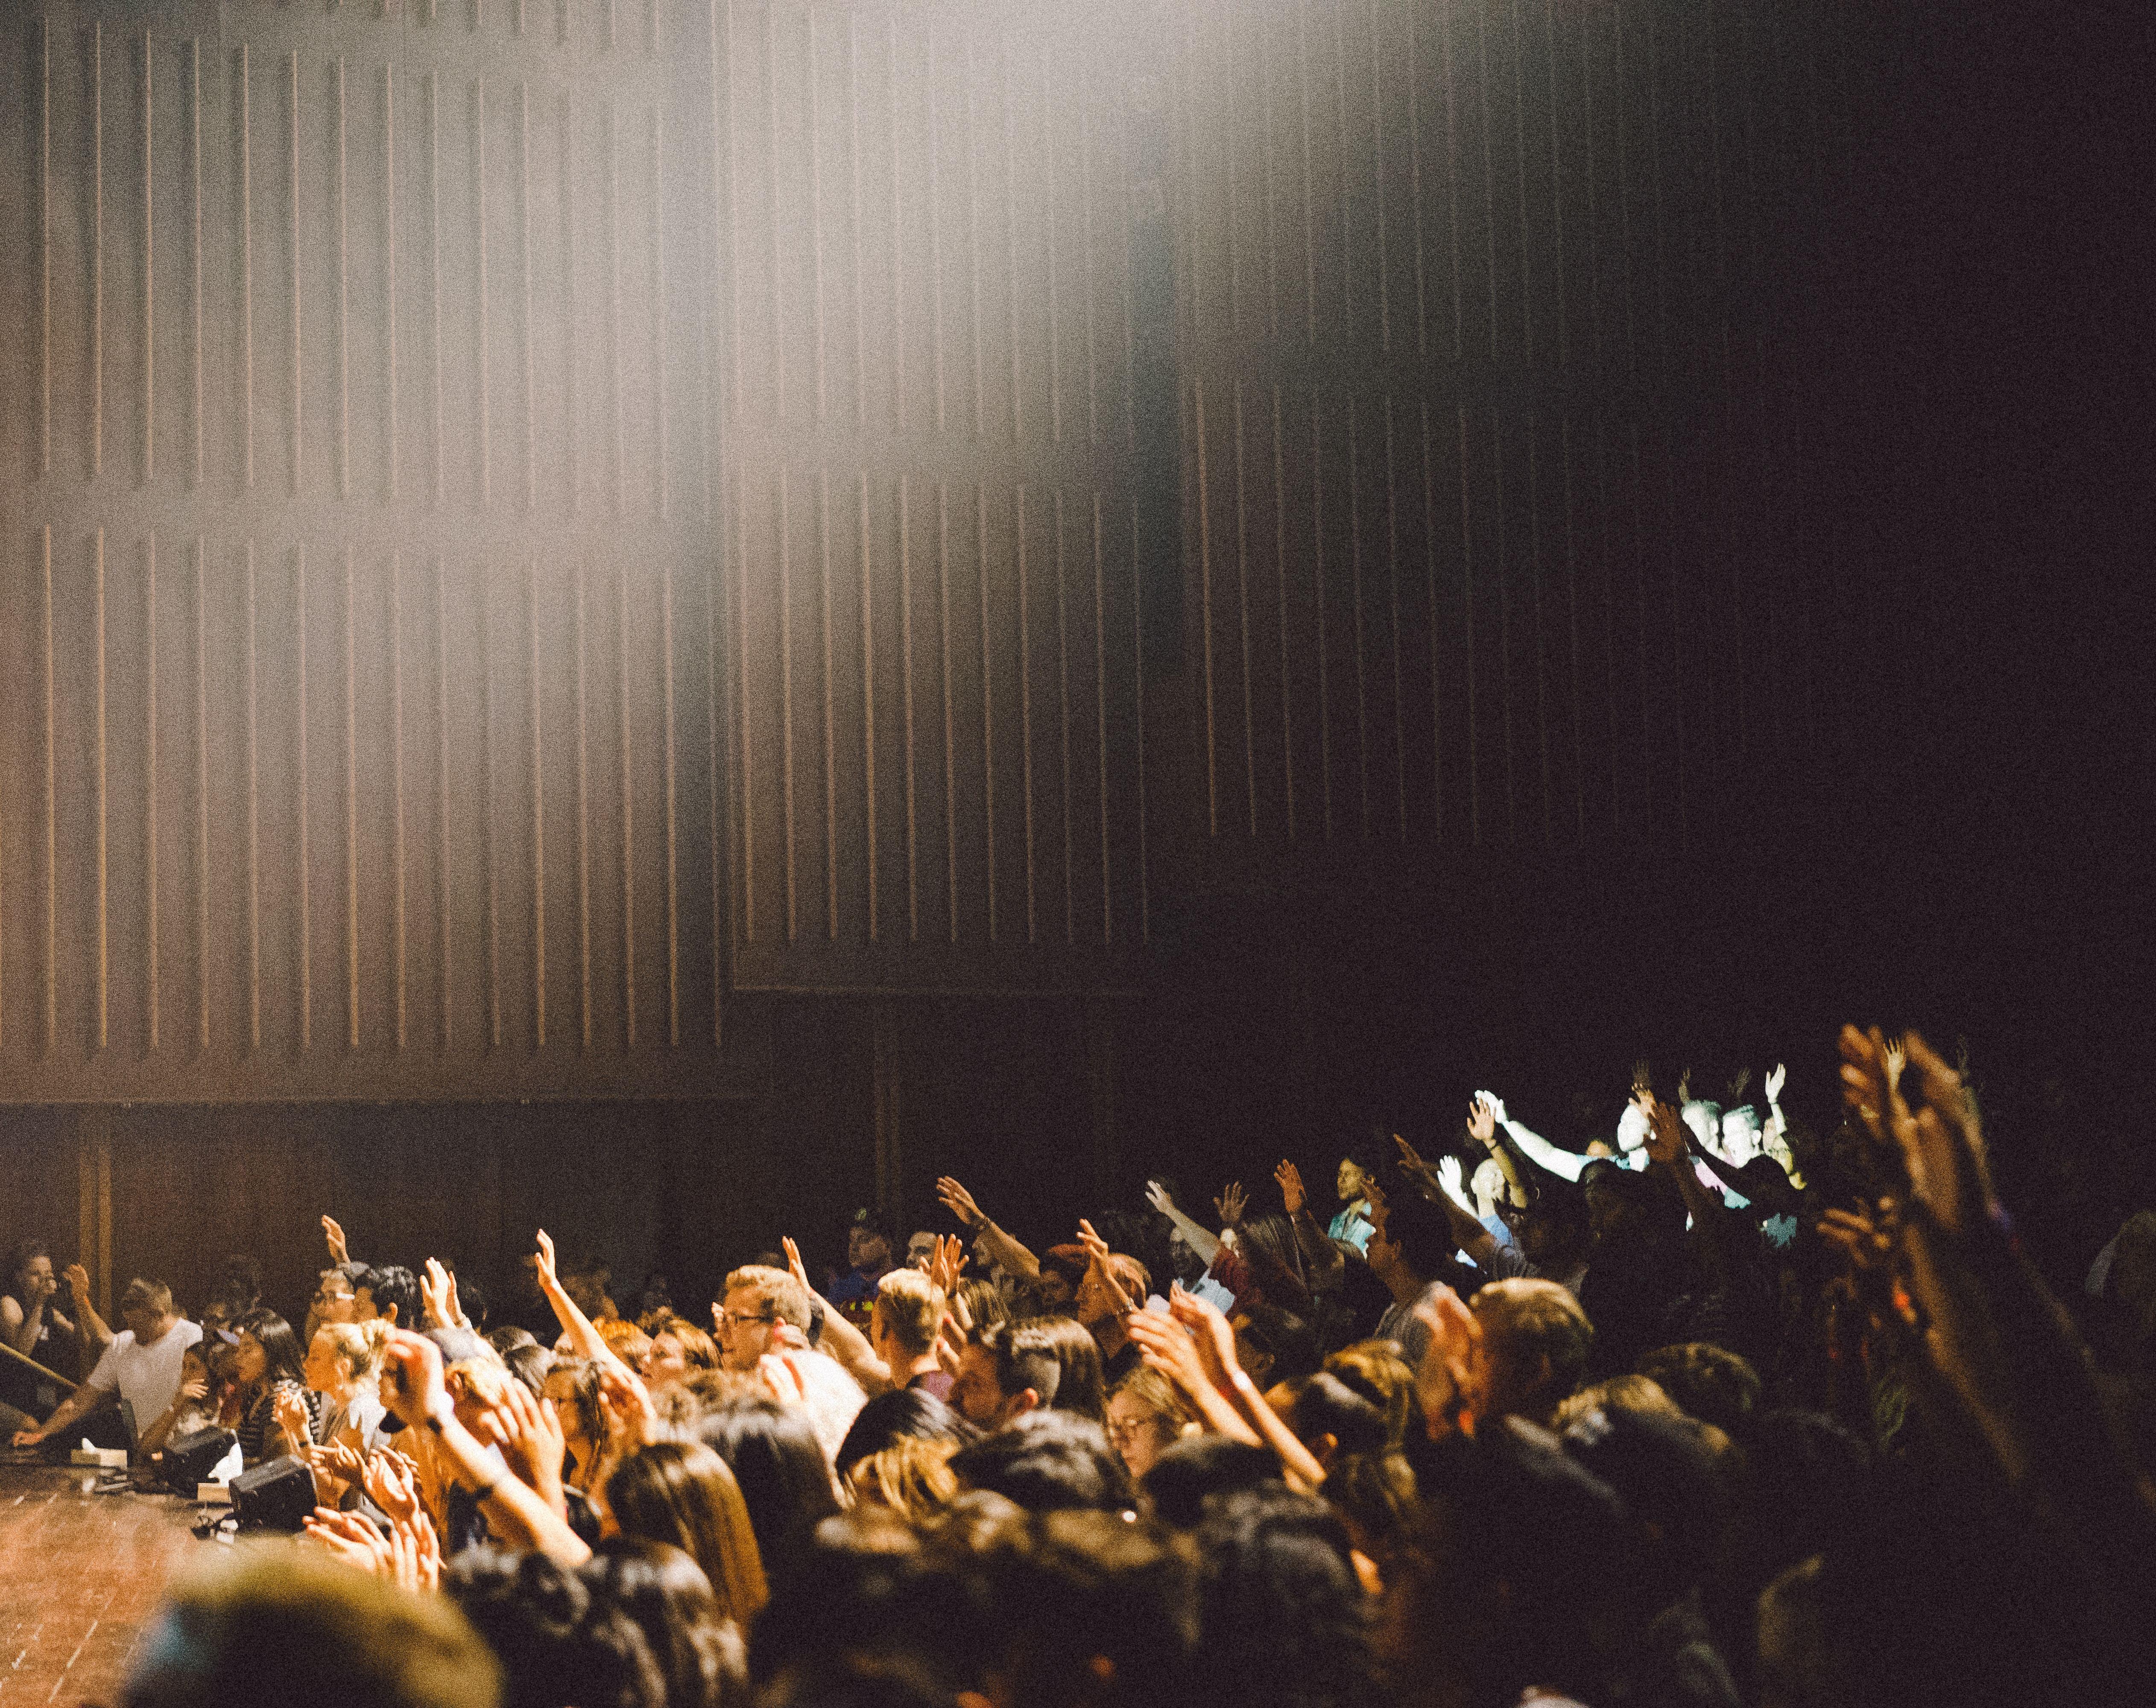 GENERAL - Audience